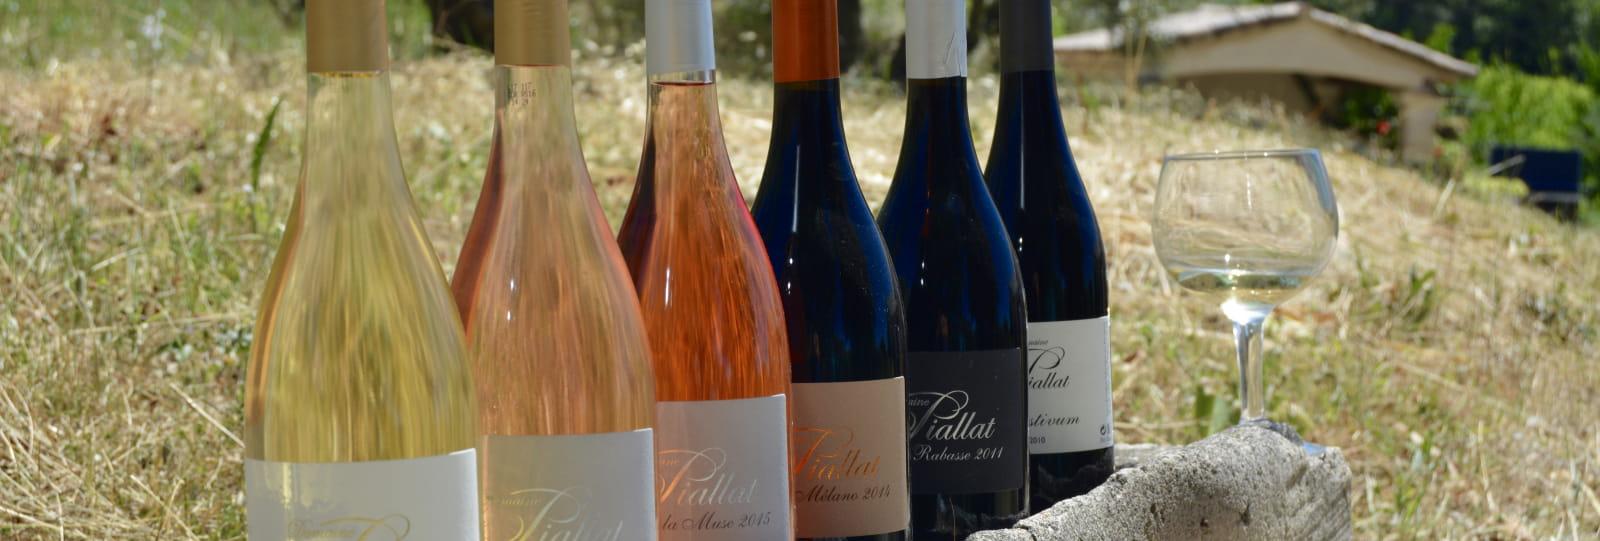 Gamme des vins - Domaine Piallat